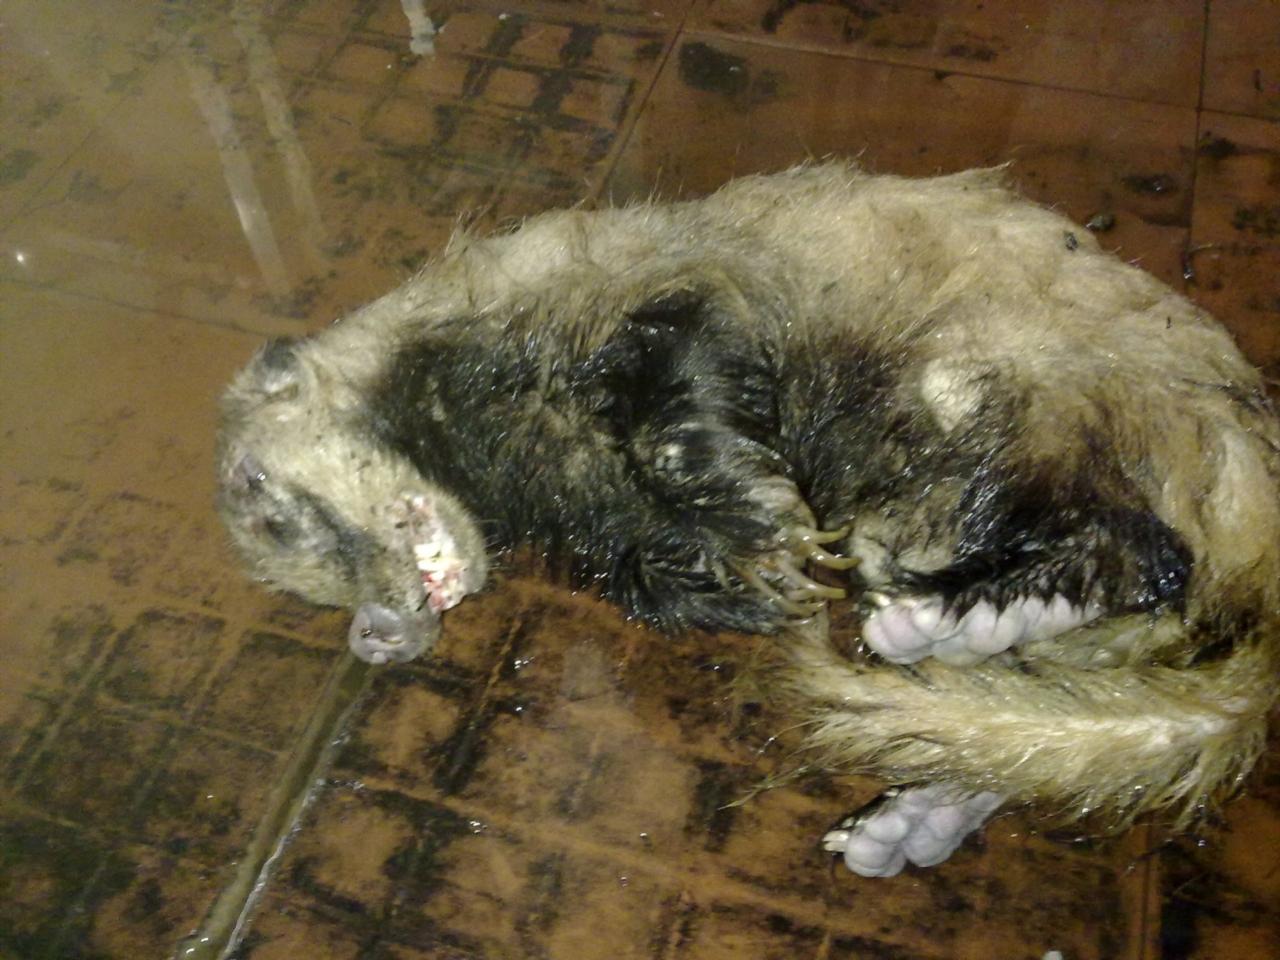 朋友在棉湖水库抓到一只 水猴 ... : 一研究 : すべての講義